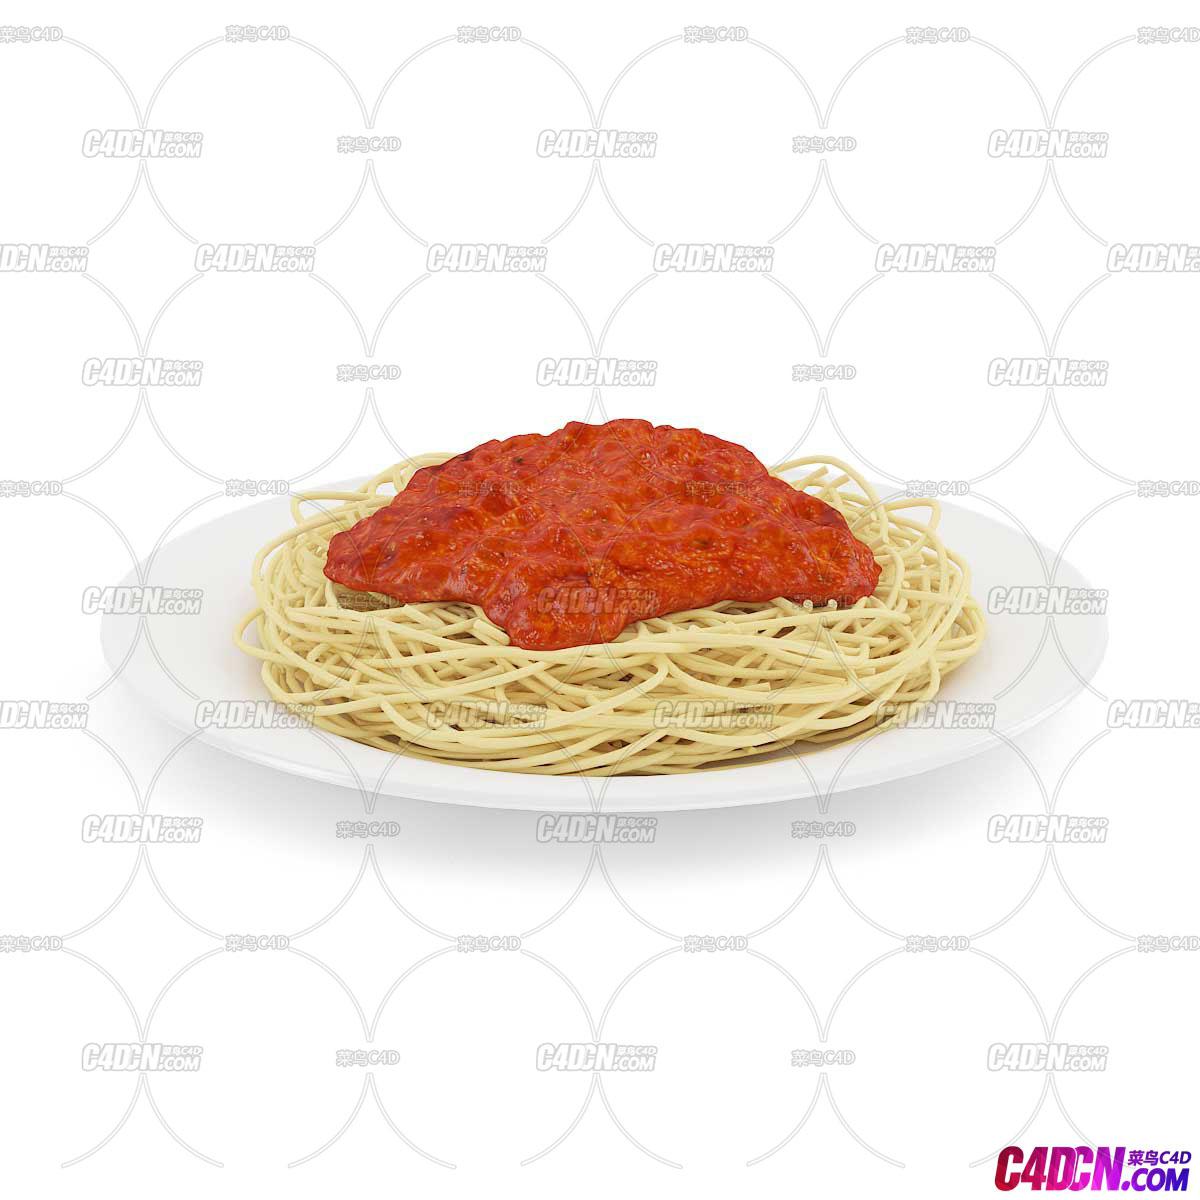 C4D模型 意大利面条食物模型